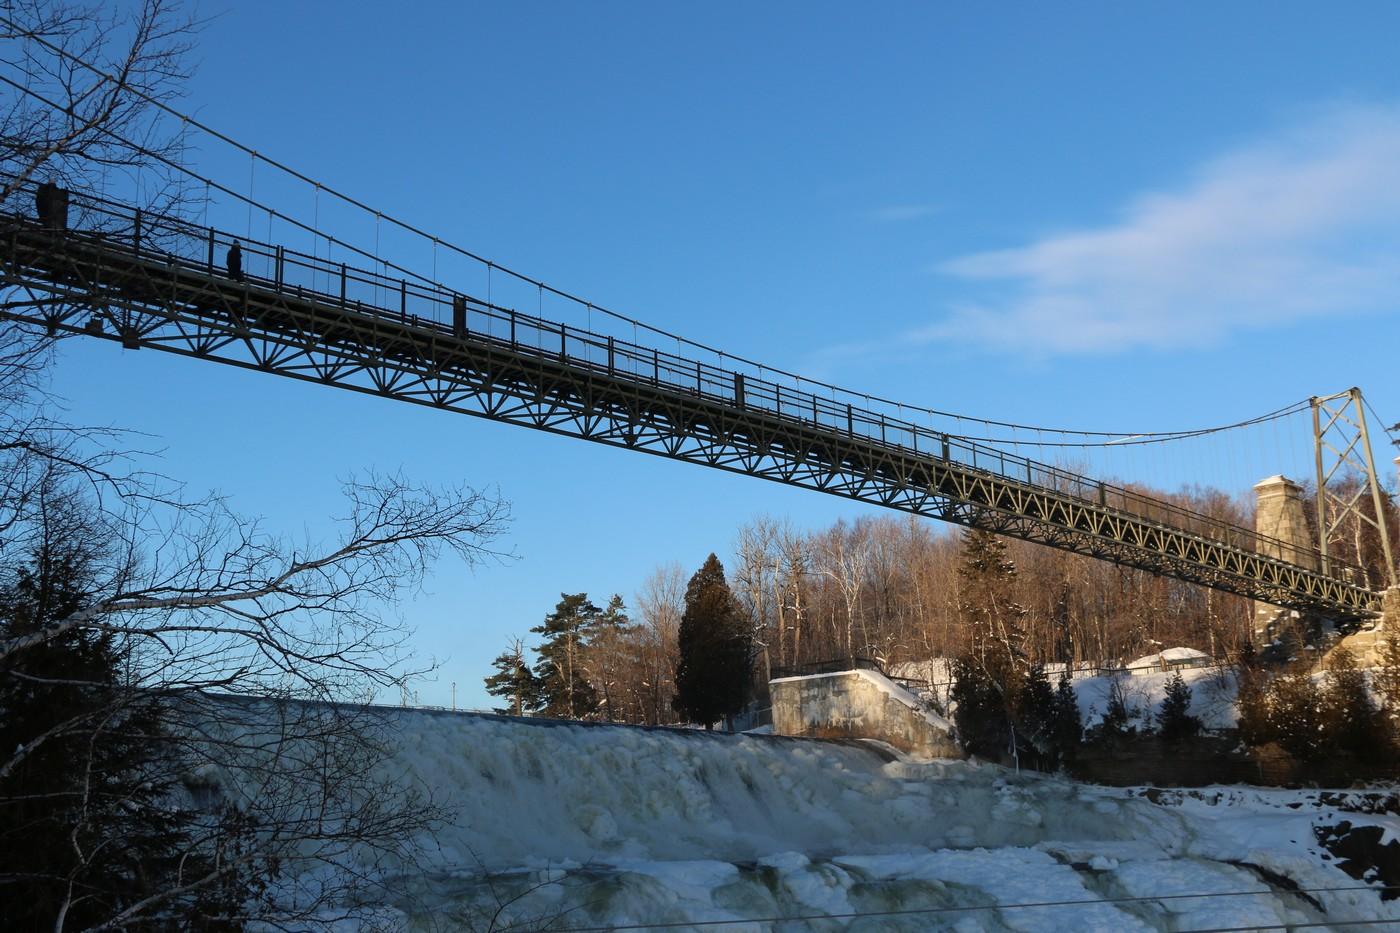 Le pont suspendu pour les plus téméraires.